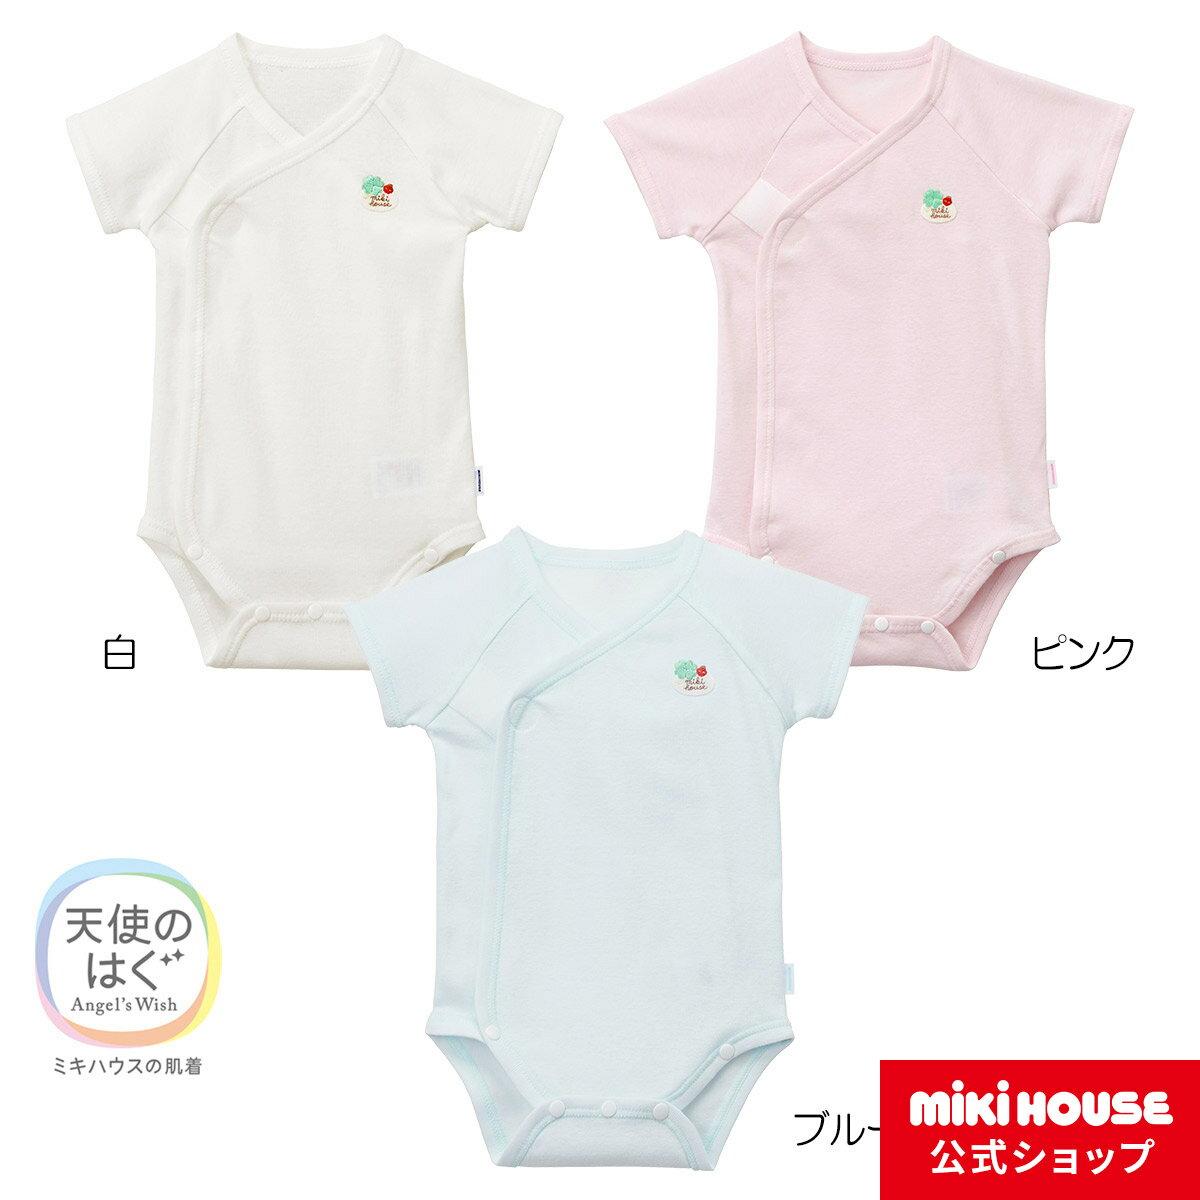 ミキハウス mikihouse ロンパース肌着(60cm・70cm)